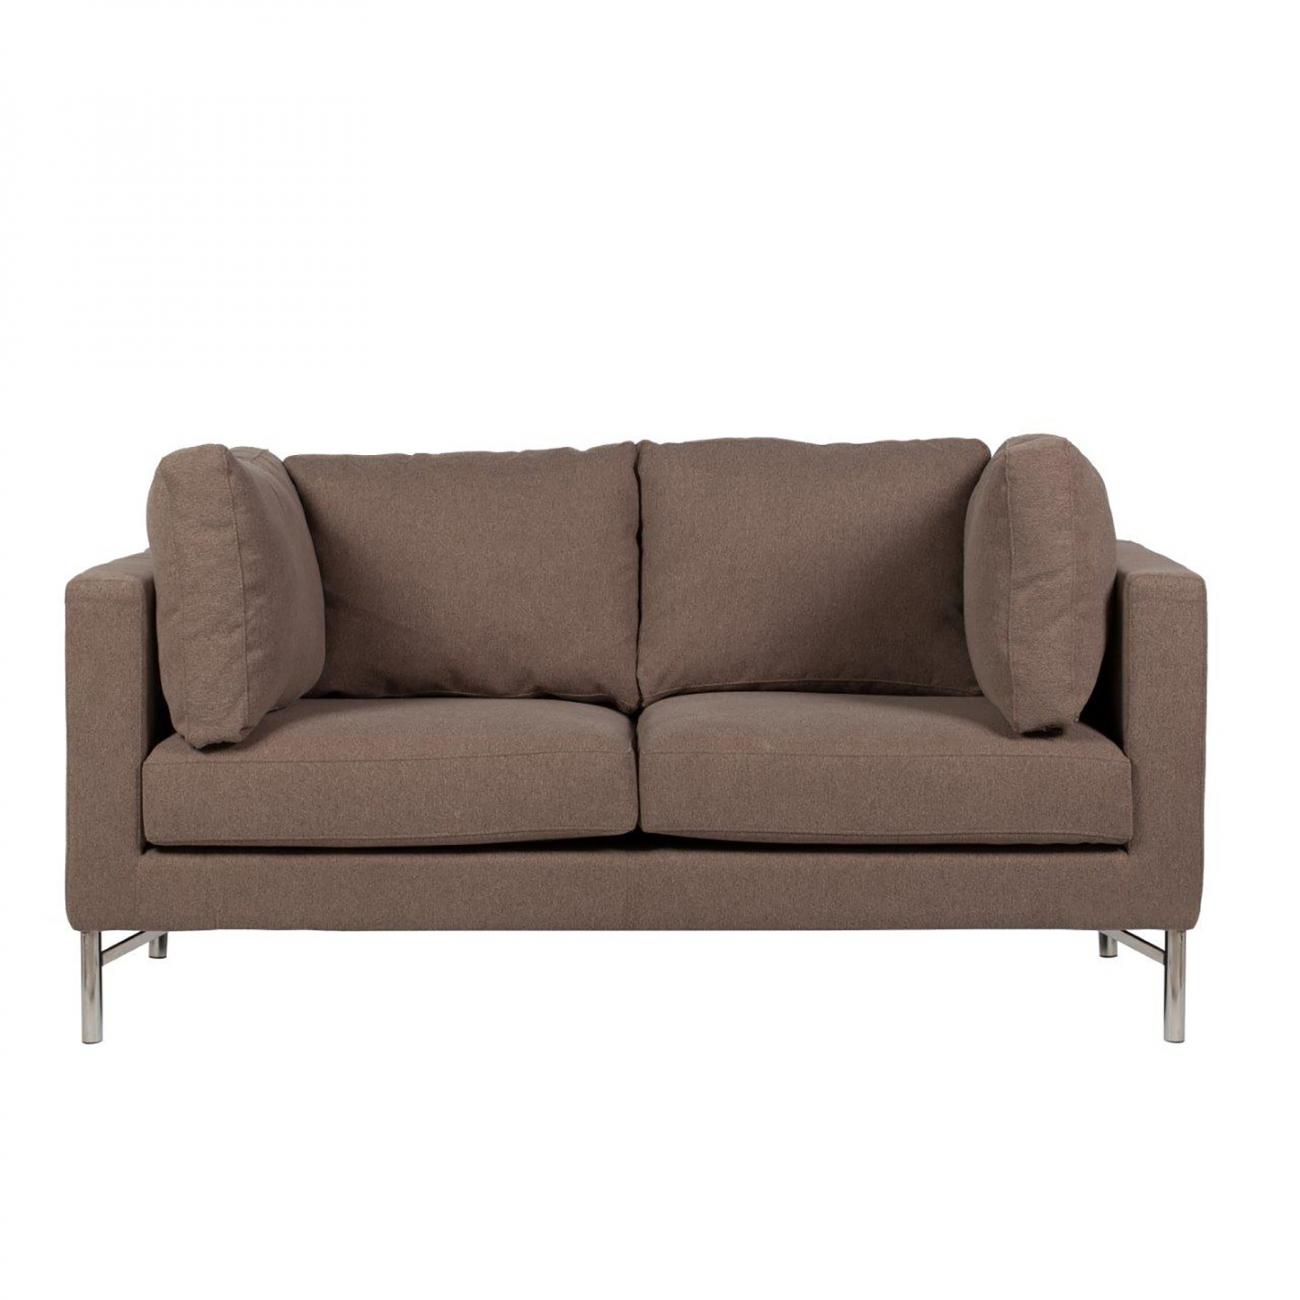 Купить Диван Box Light Коричневый Нейлон в интернет магазине дизайнерской мебели и аксессуаров для дома и дачи